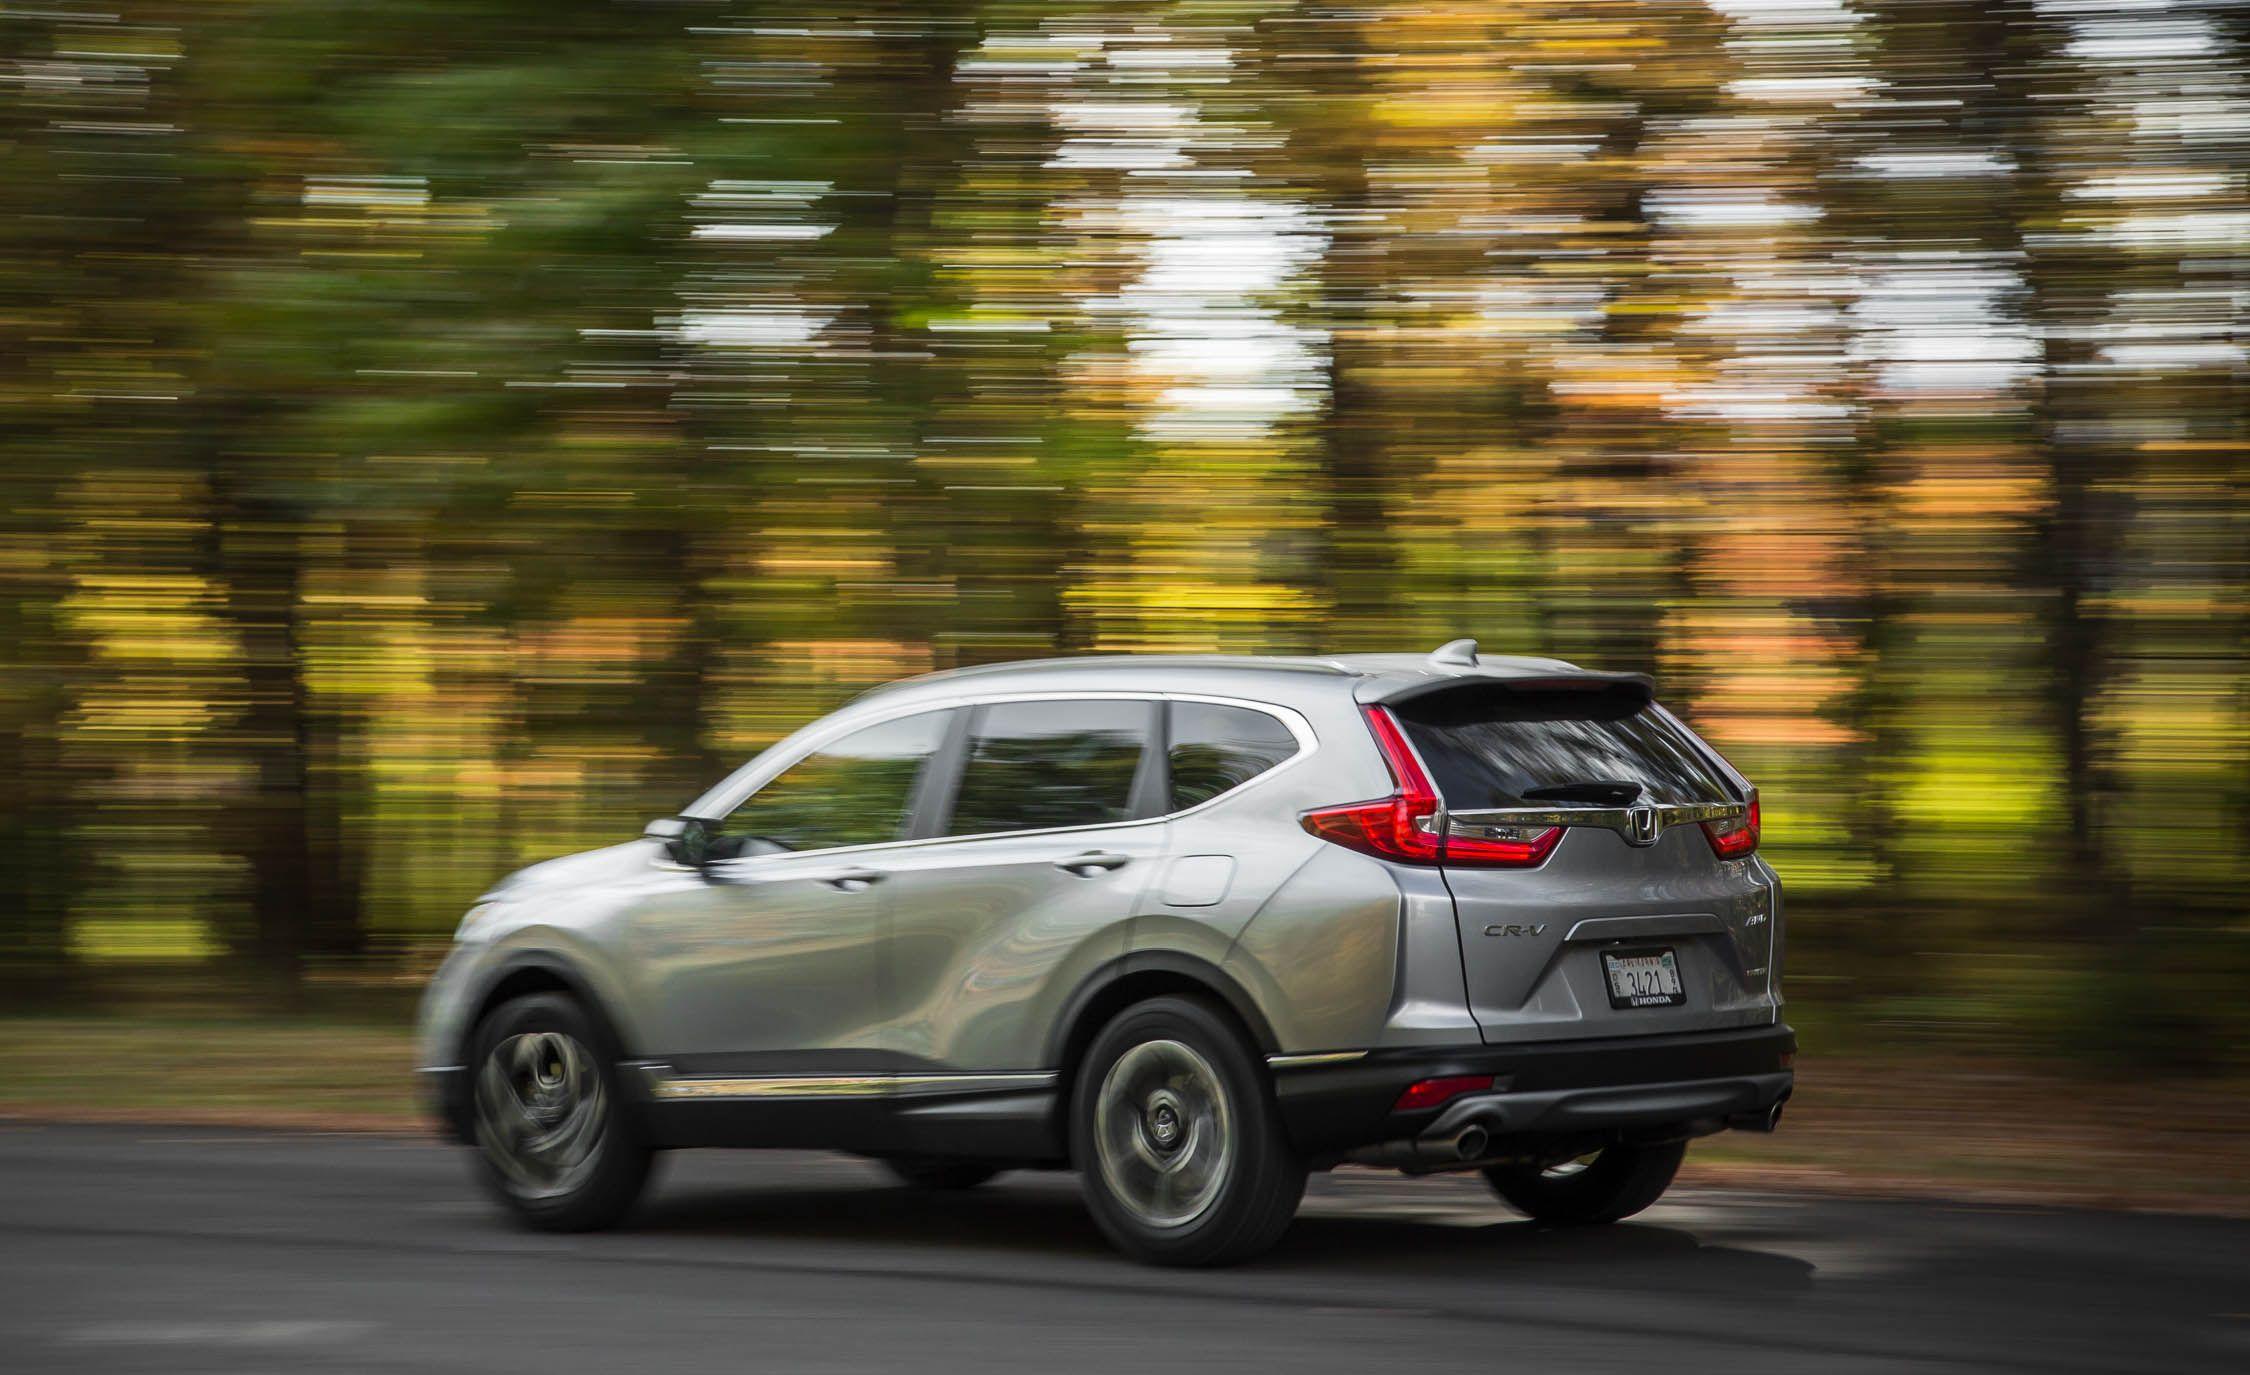 2019 Honda CR-V Reviews | Honda CR-V Price, Photos, and Specs | Car and  Driver